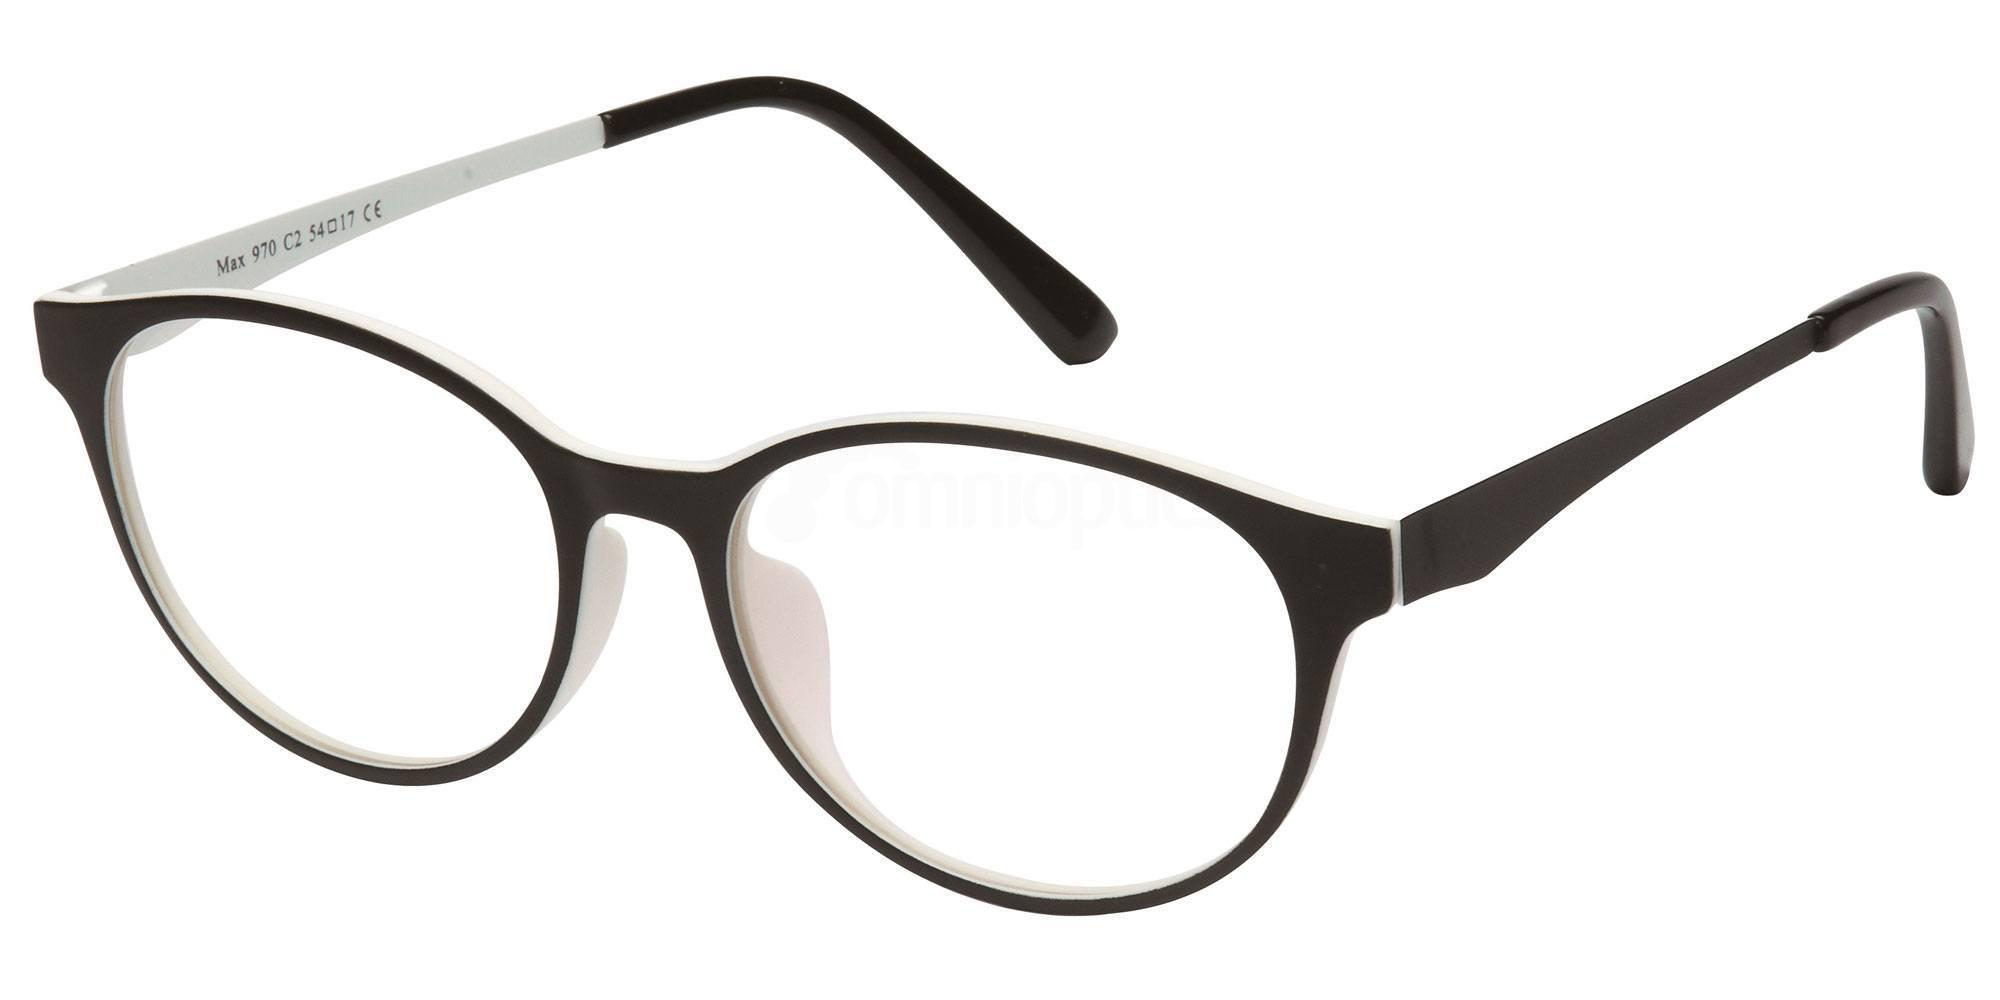 C2 M970 , Max Eyewear